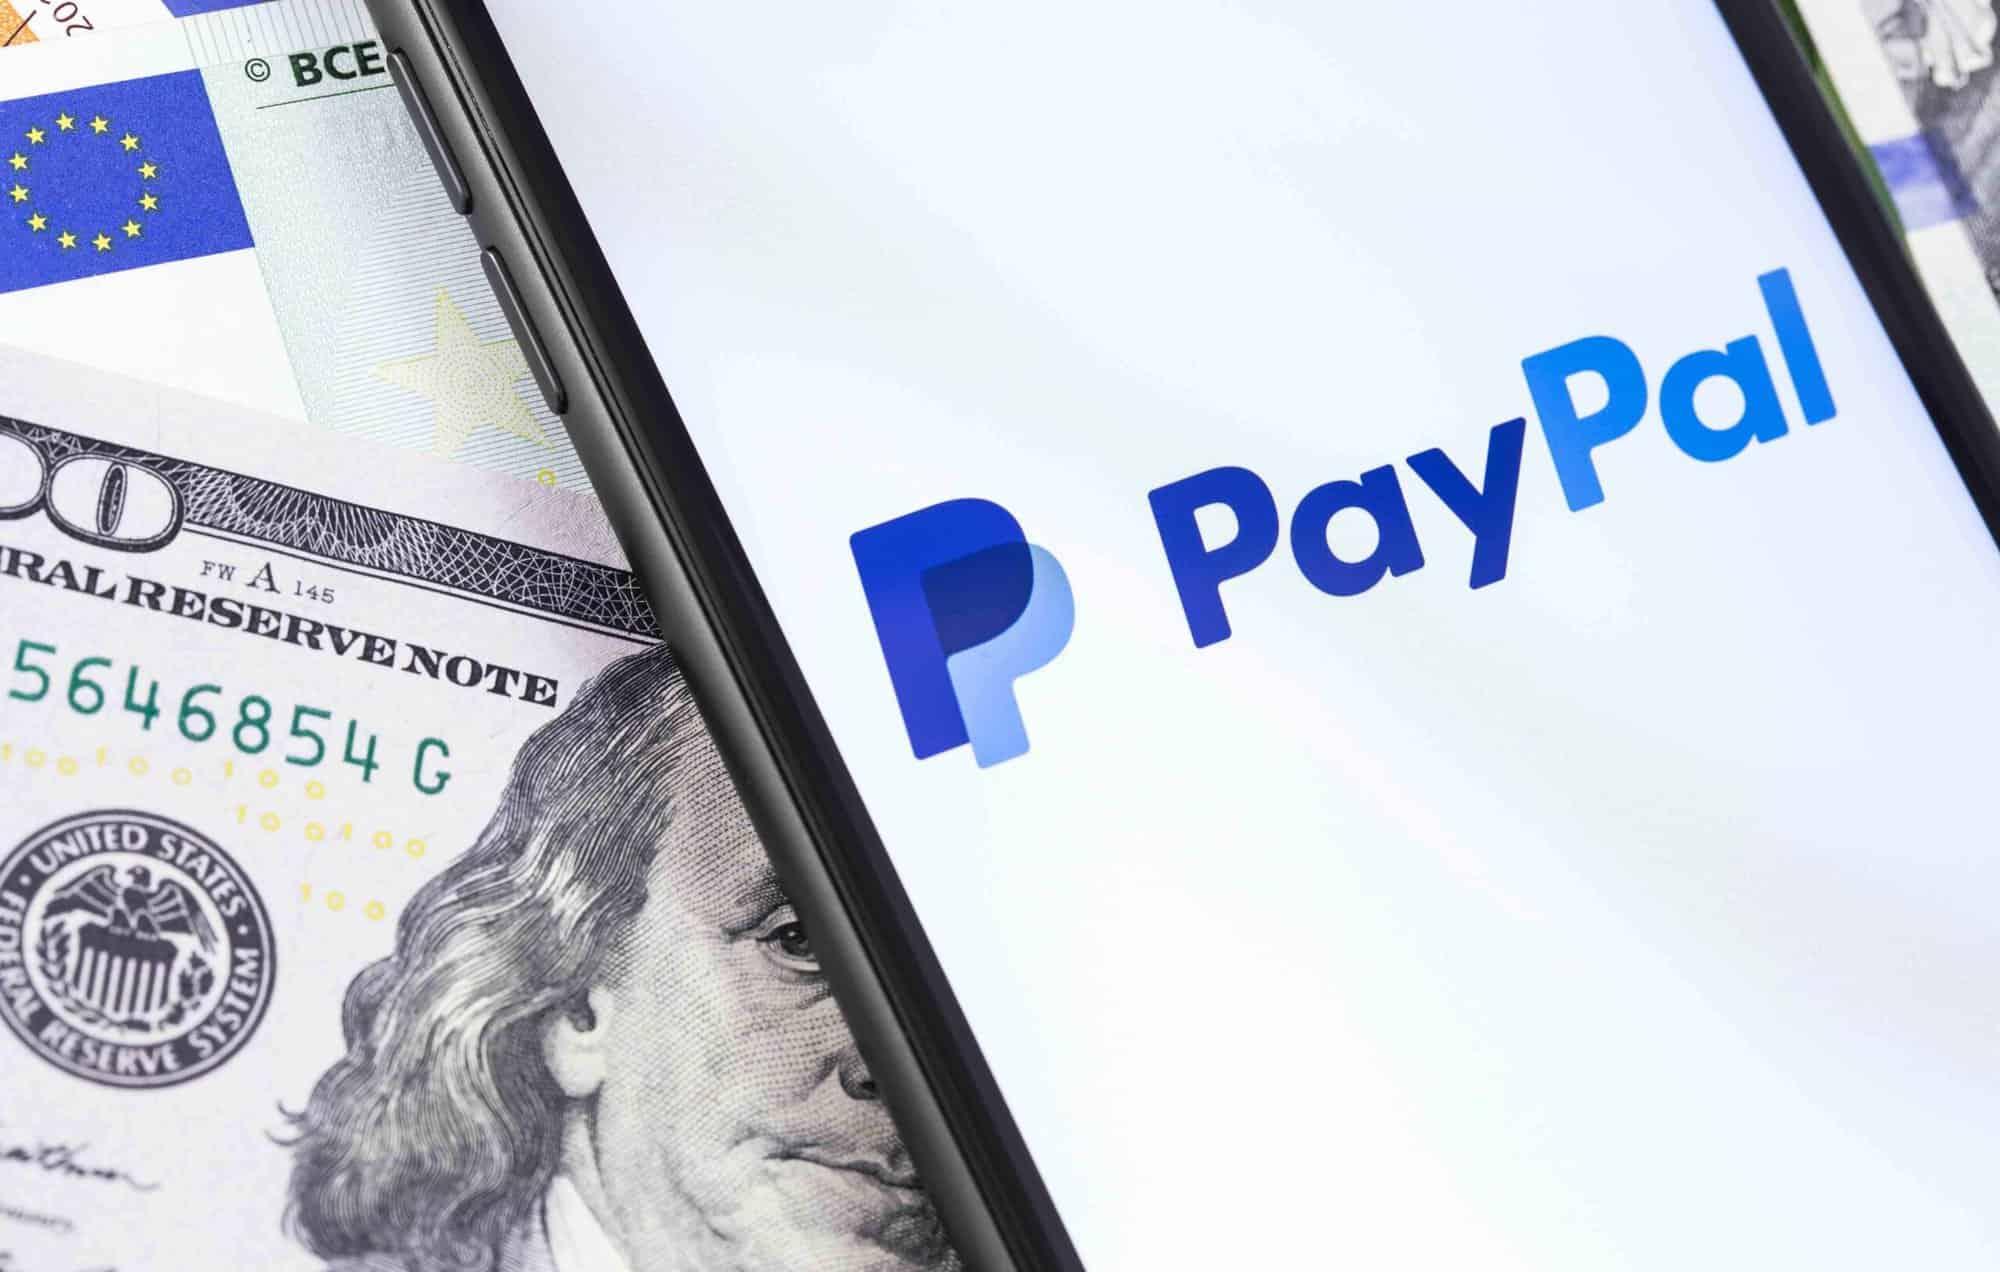 Bitcoin a depăşit pentru prima dată plafonul de de dolari - Finante & Banci - guideco.ro